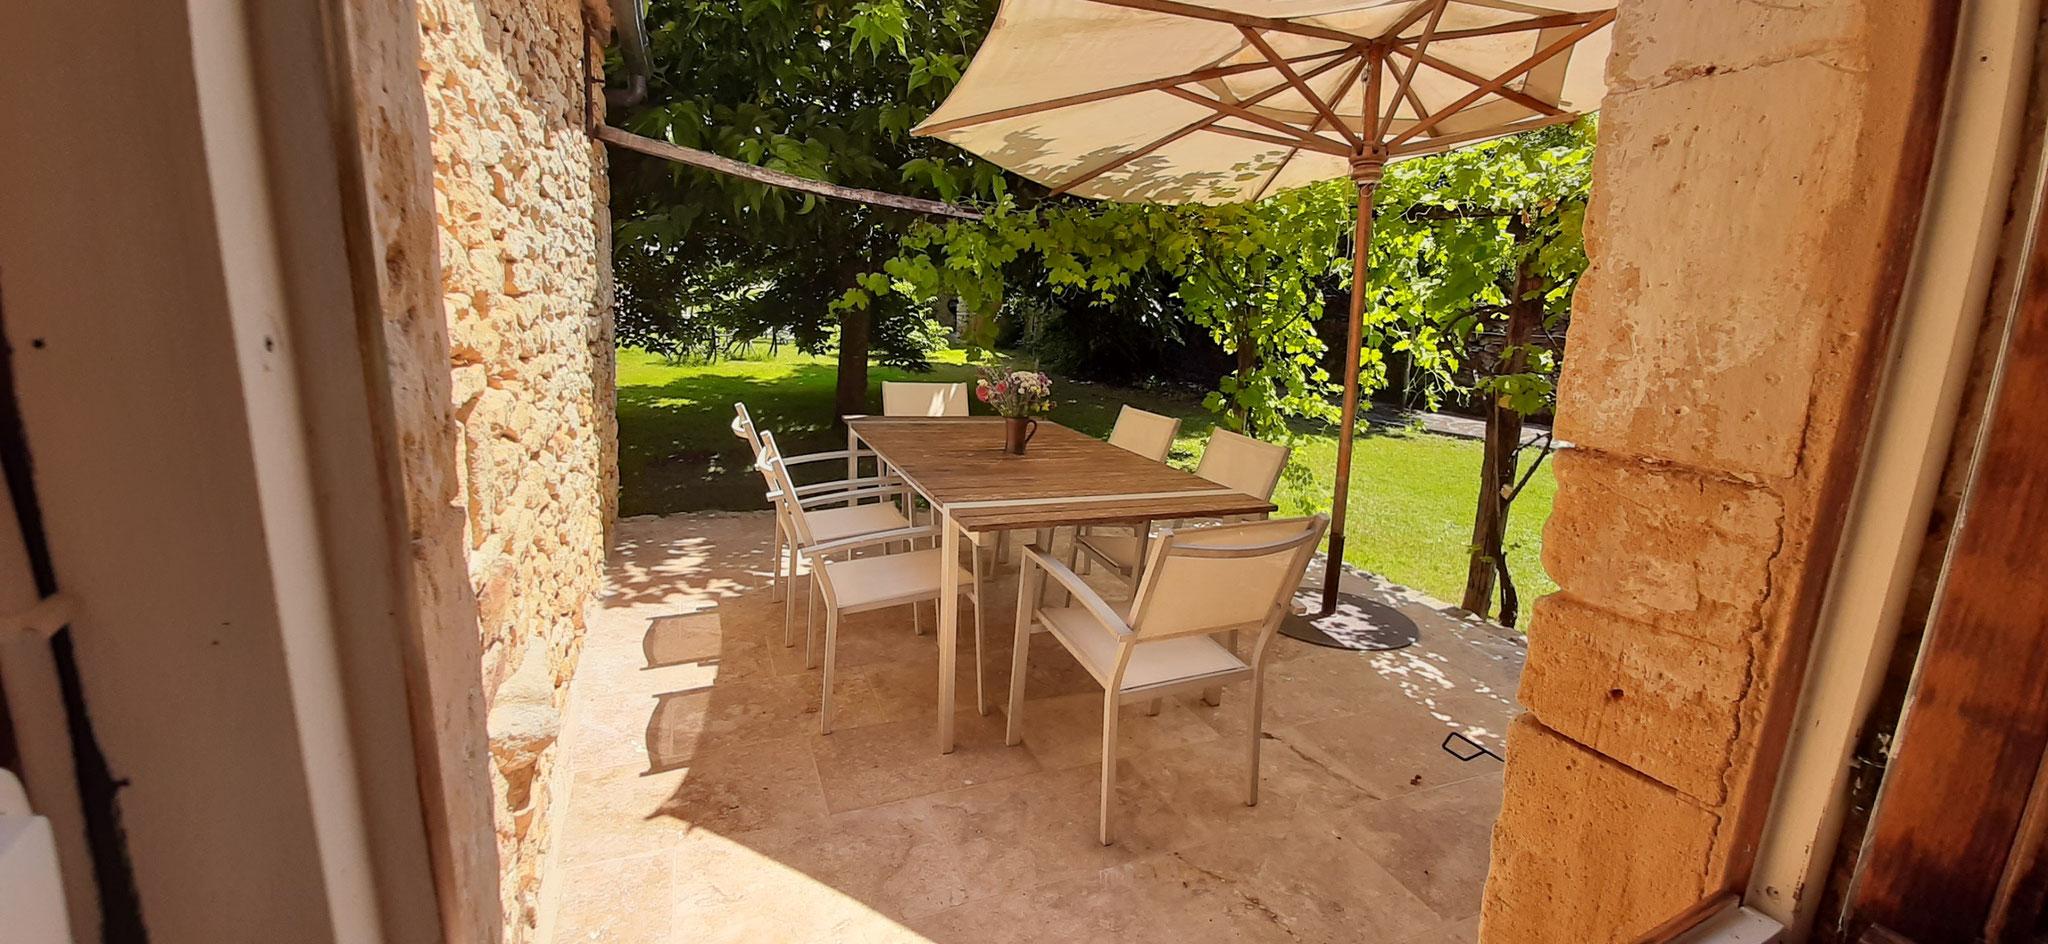 La terrasse de la Maison Castelnaud nouvellement carrelée...